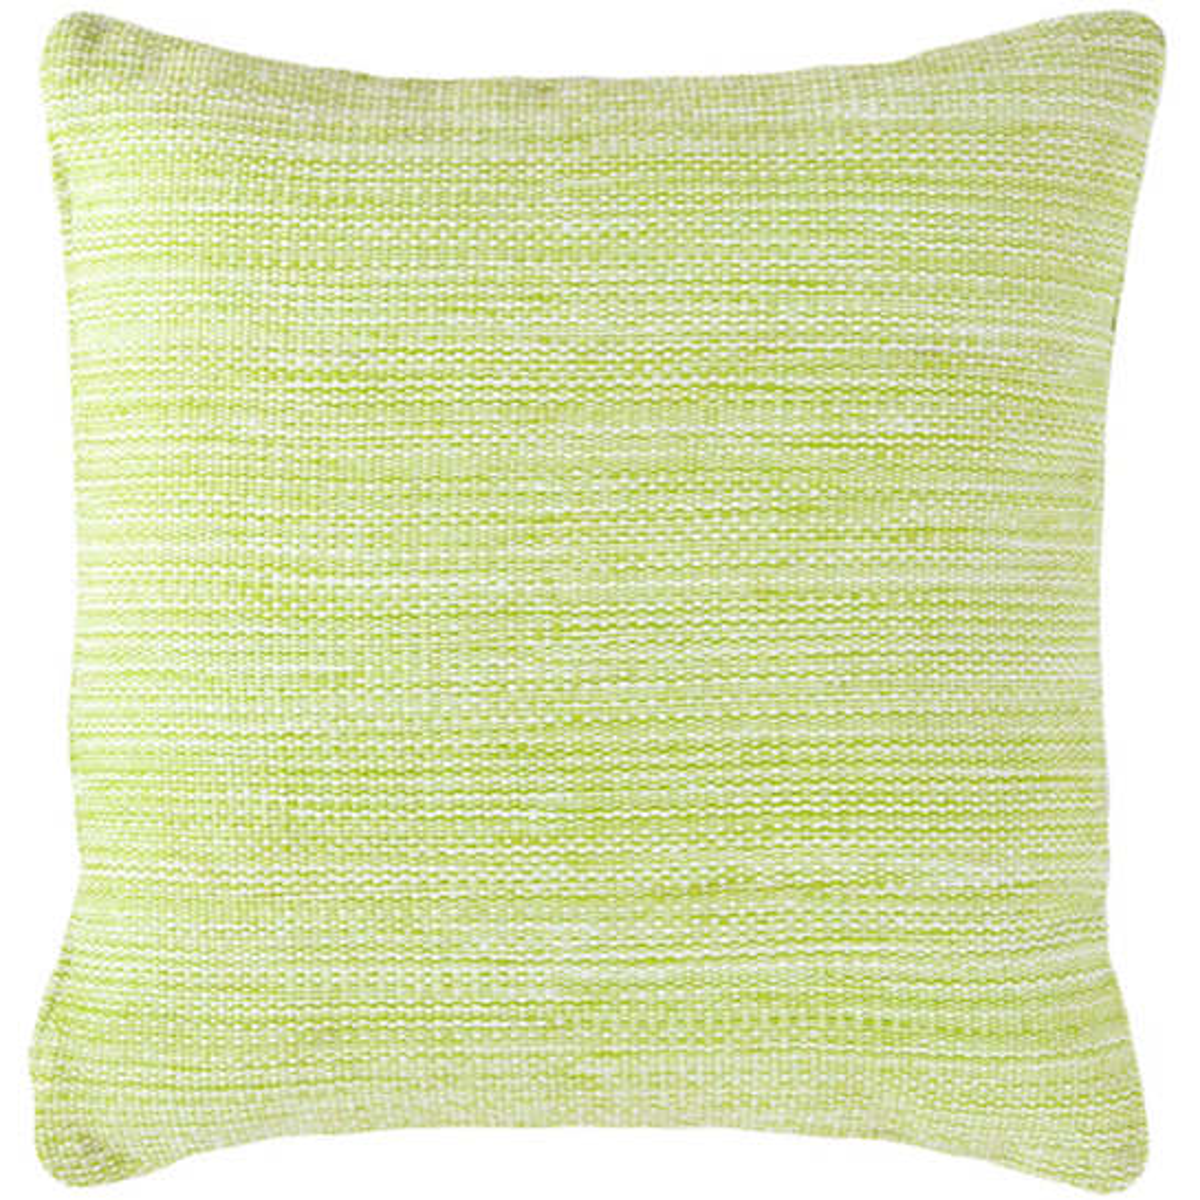 Mingled Apple Indoor/Outdoor Pillow